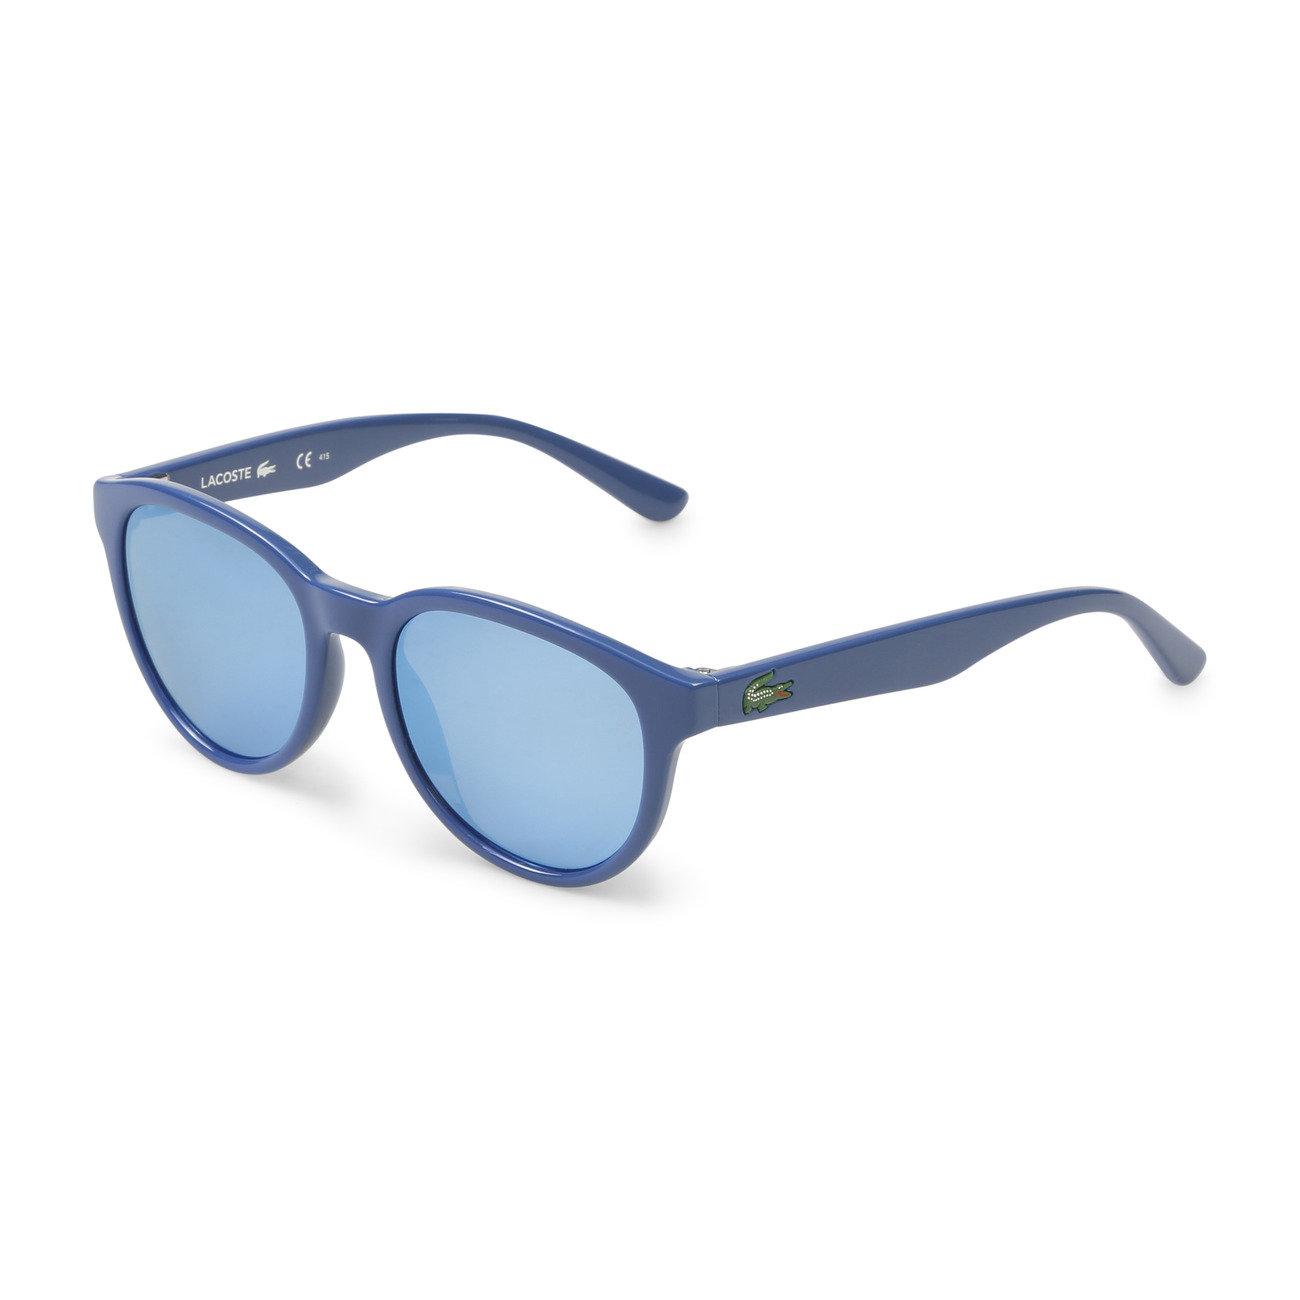 design senza tempo a1ae8 678ab Occhiali da sole bambino, blu - Lacoste Occhiali - Acquista su Ventis.